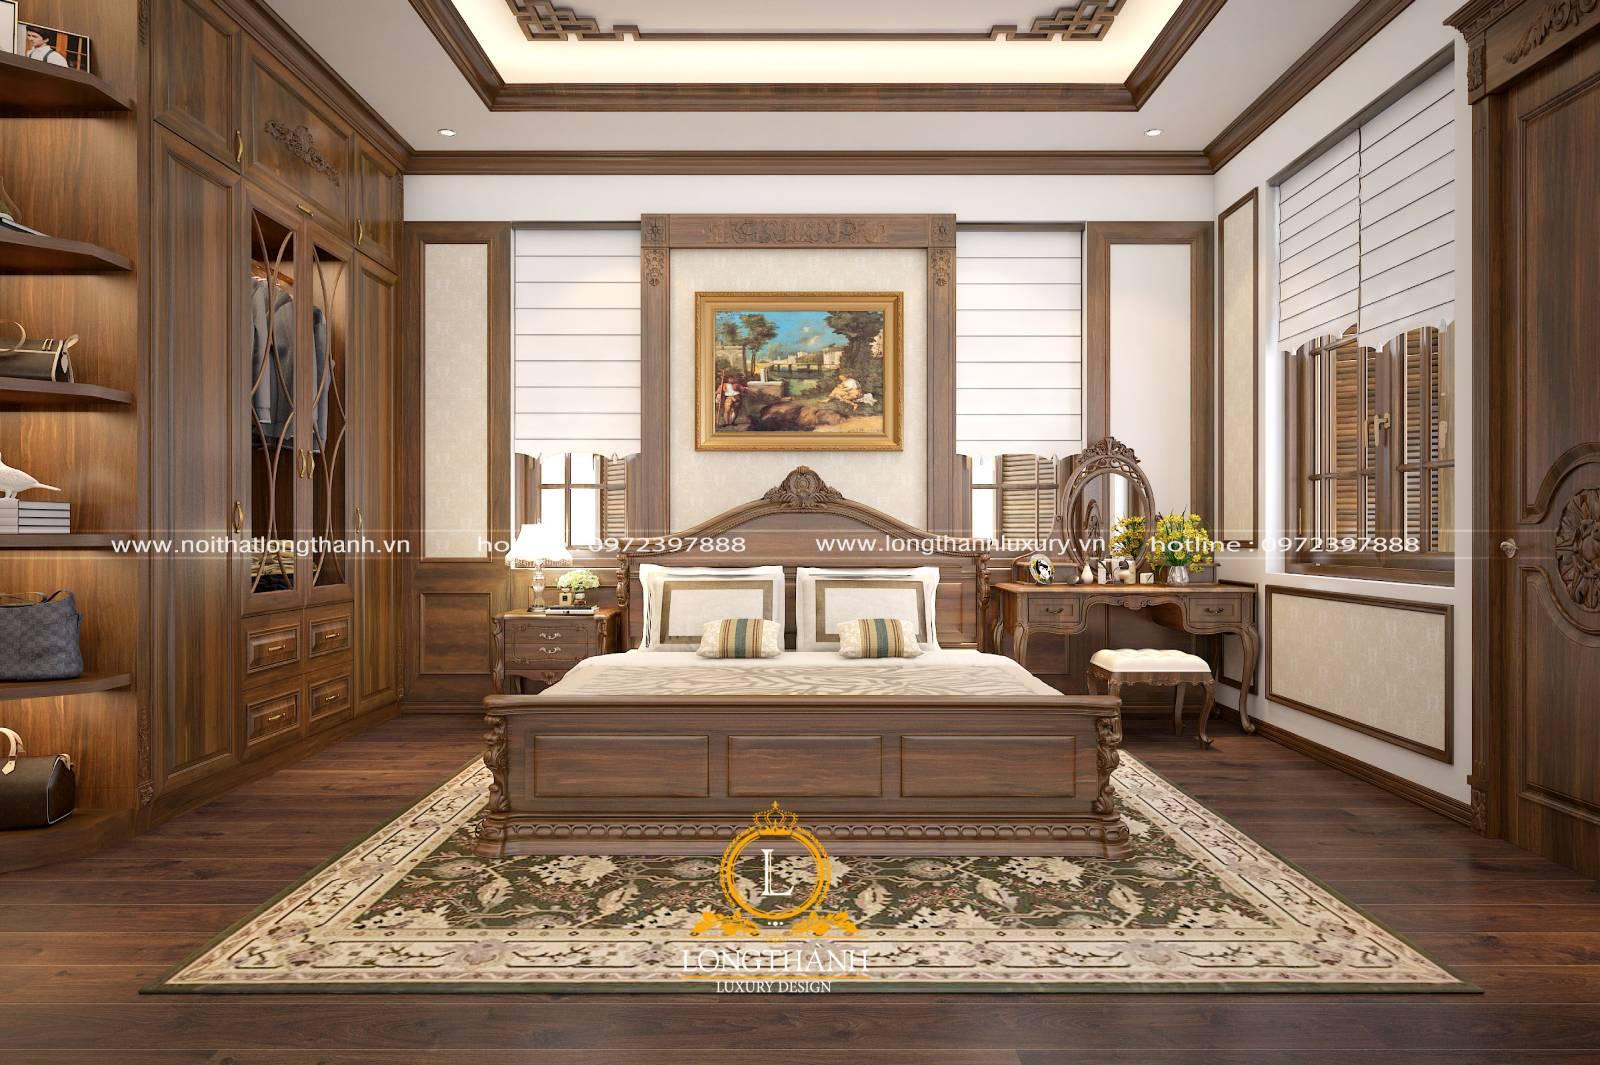 Tổng thể nội thất phòng ngủ tân cổ điển sử dụng gỗ tự nhiên cao cấp